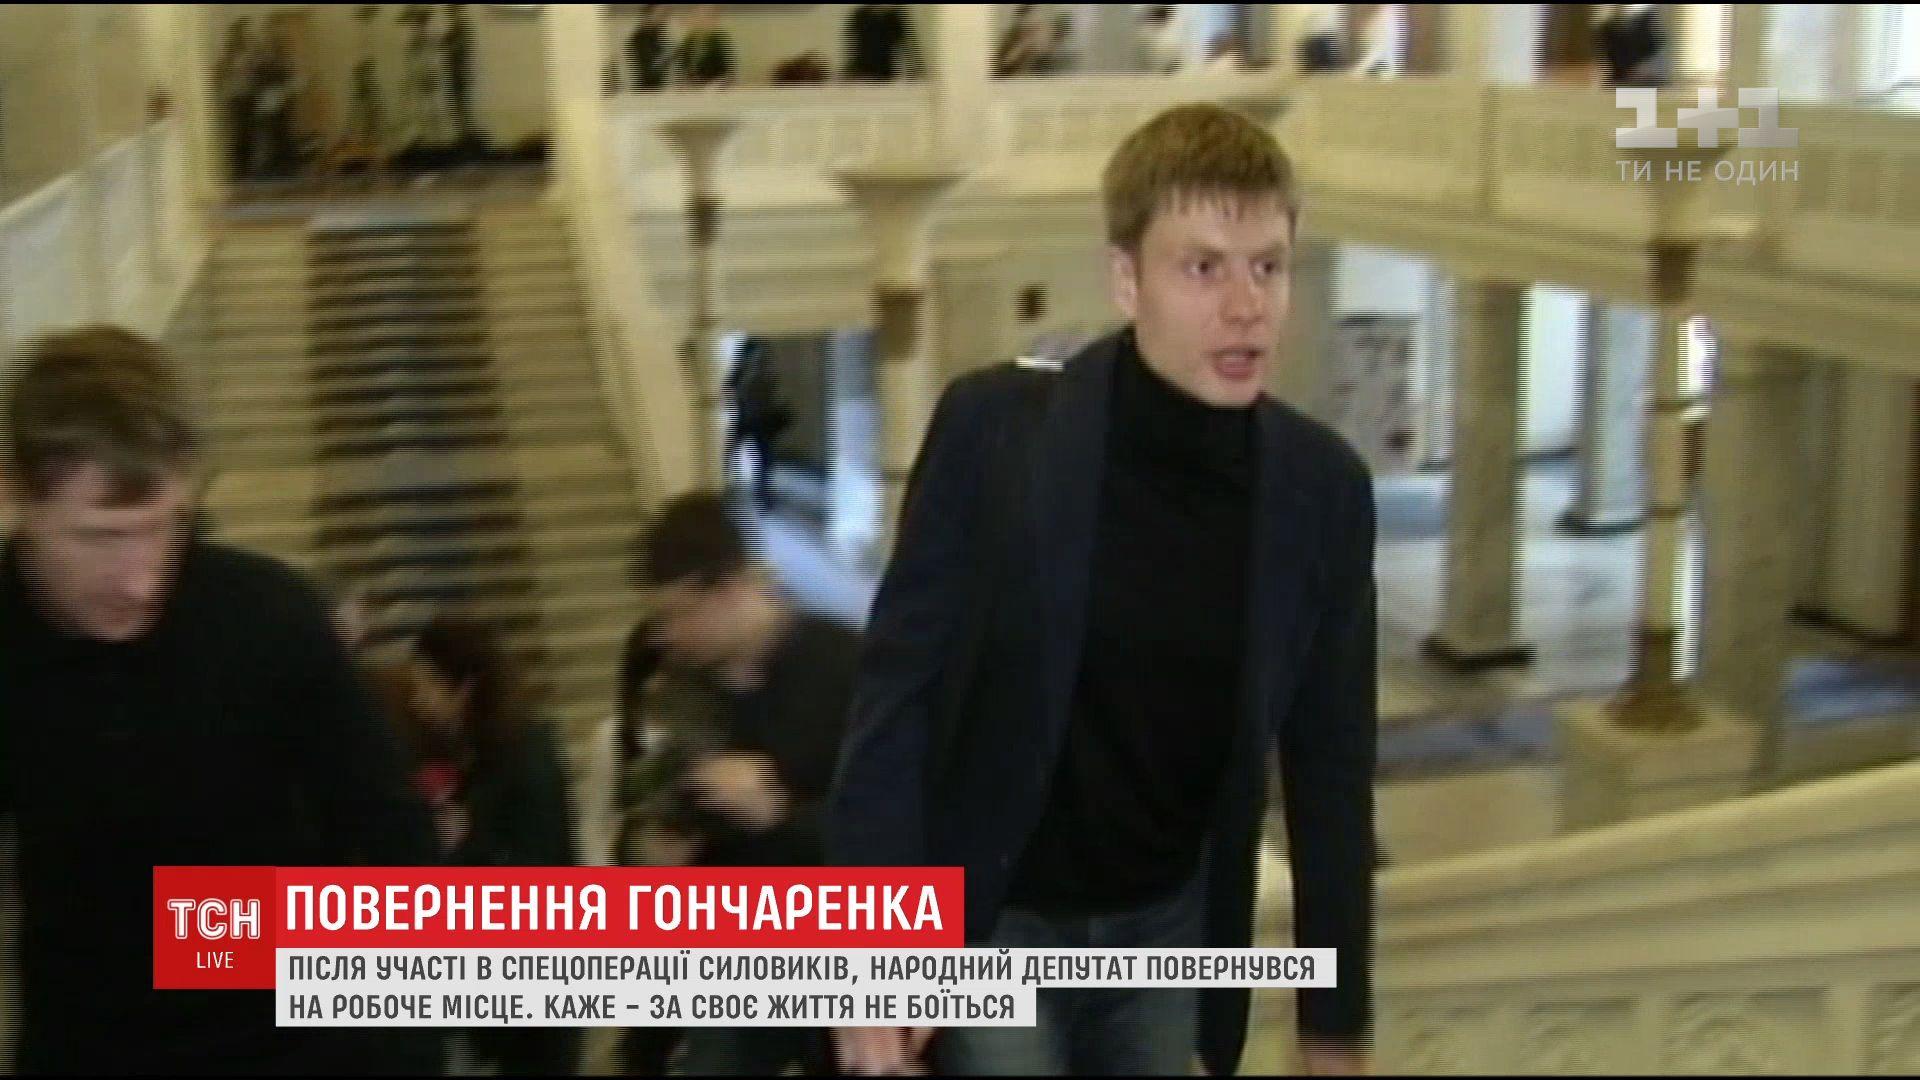 Похищение Гончаренко: фигурантов дела оставили под арестом в СИЗО